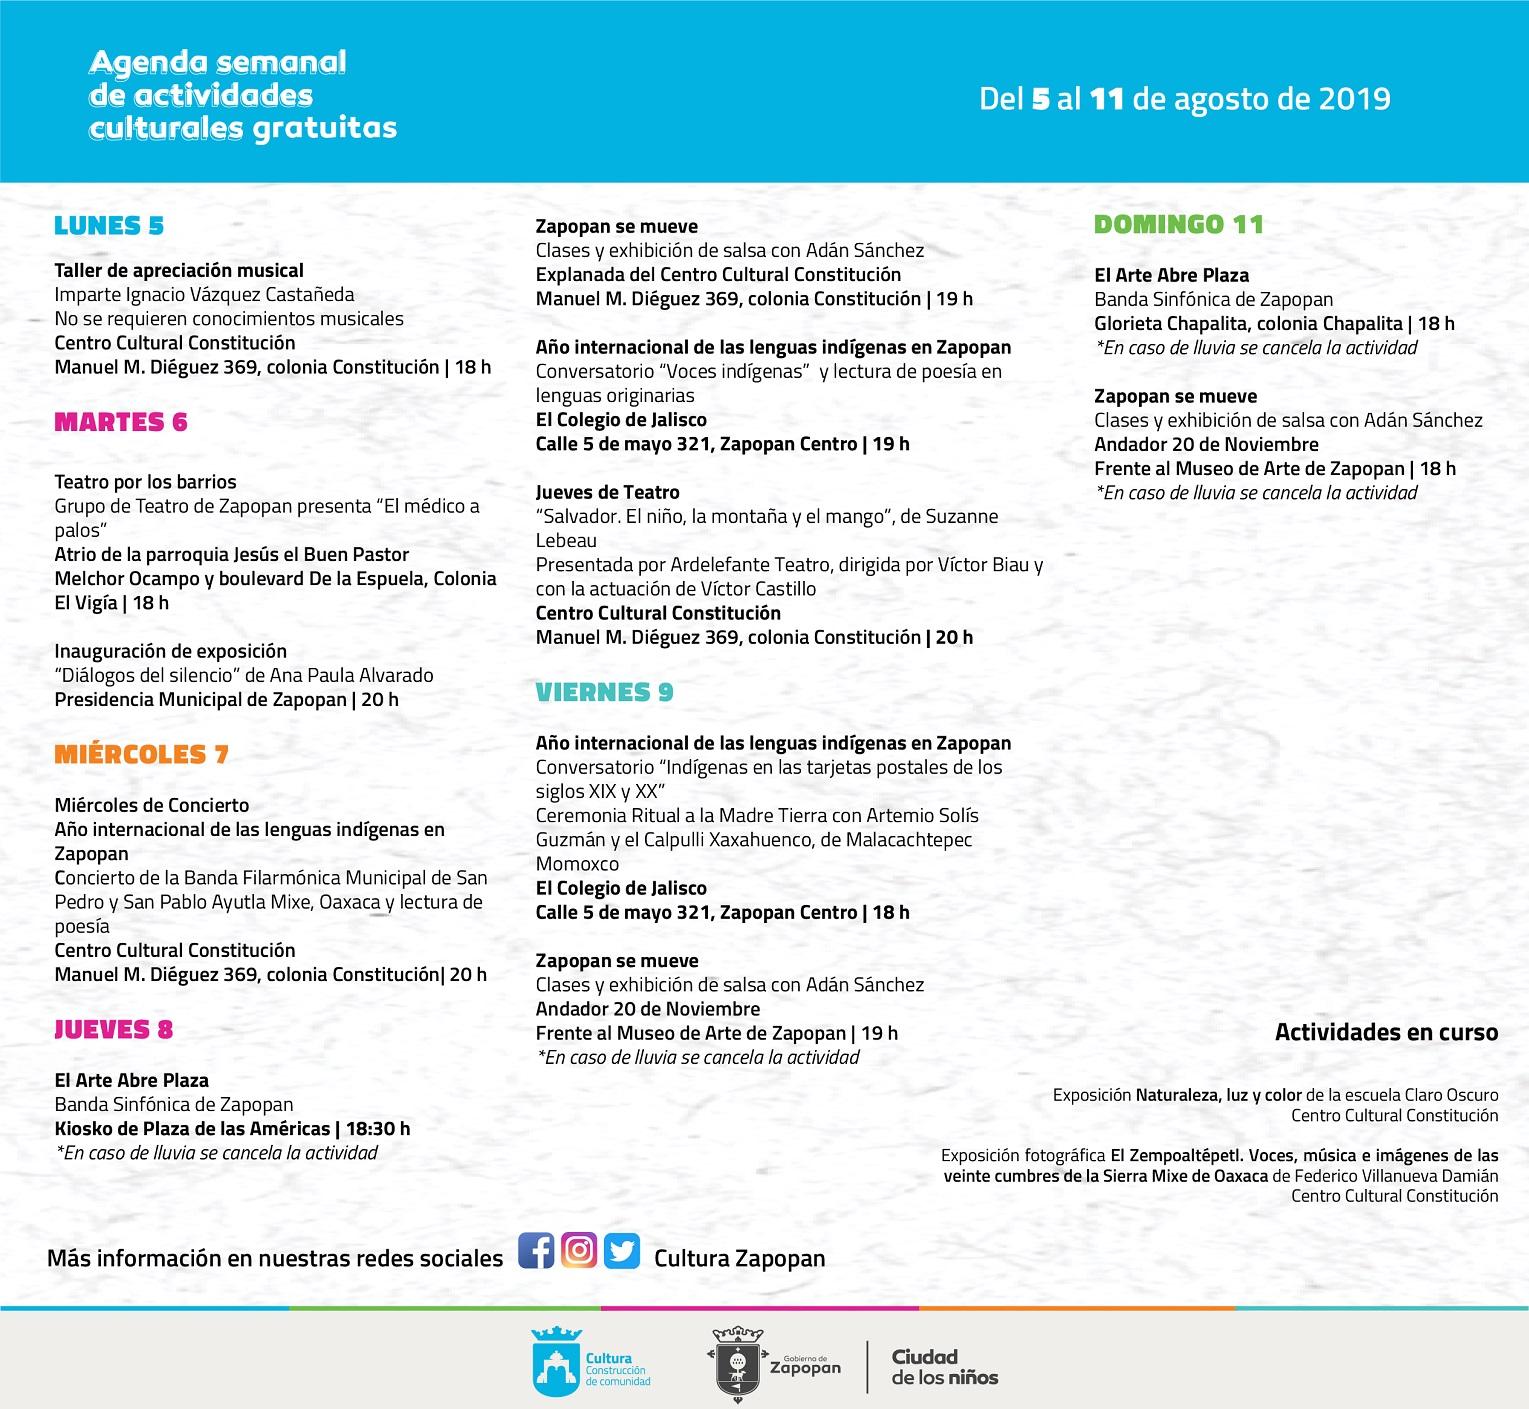 Agenda semanal de actividades Zapopan